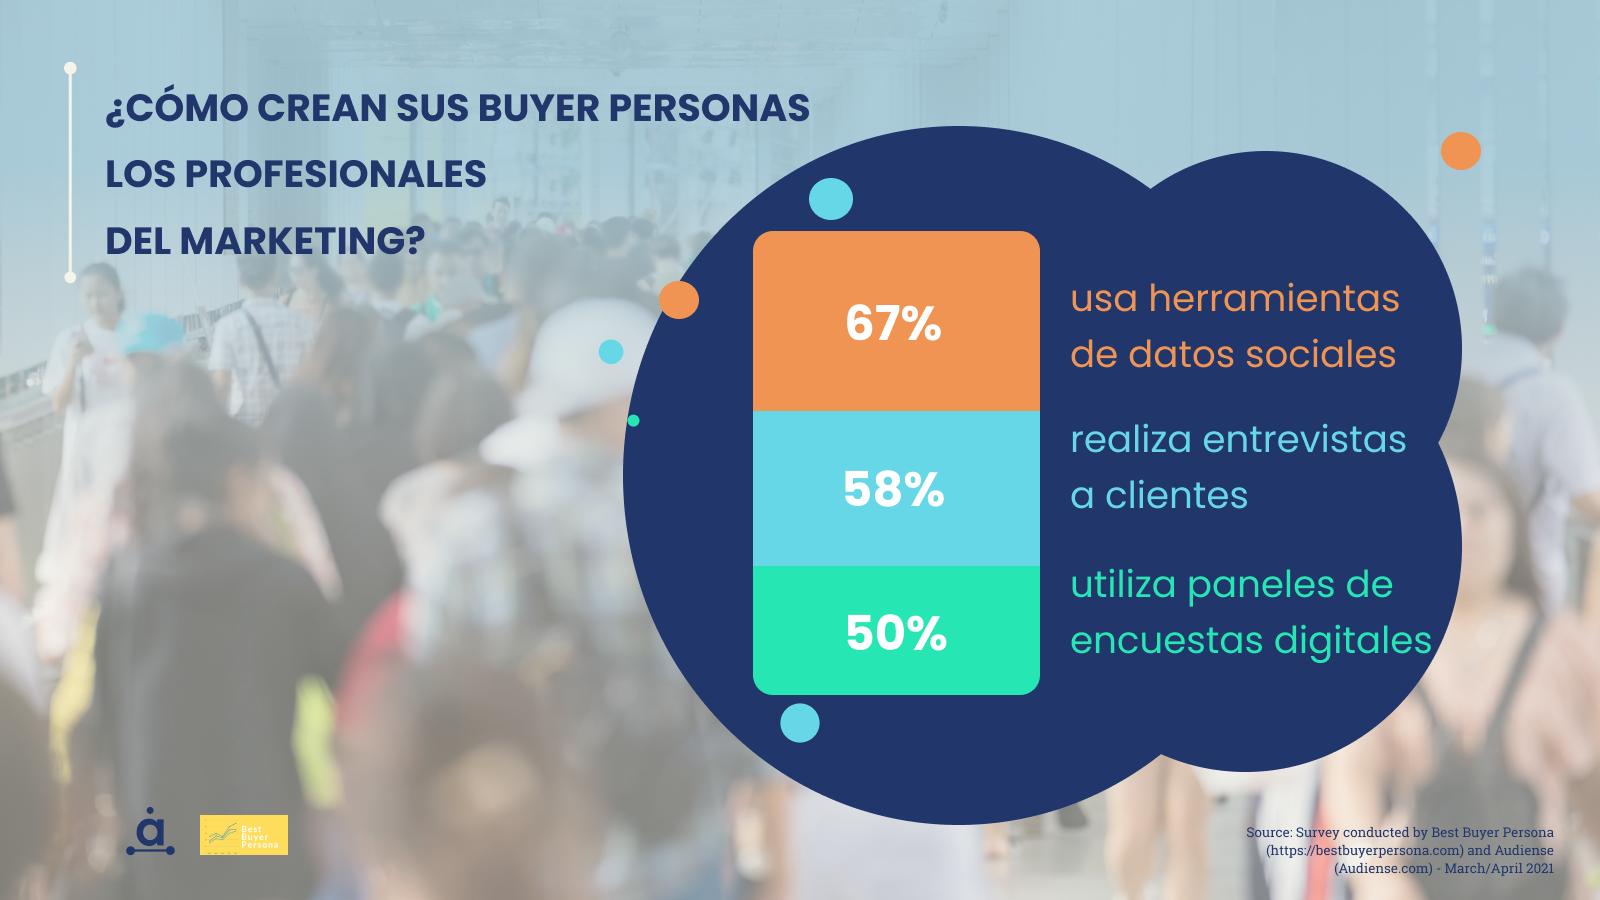 Audiense blog - Cómo crear sus buyer personas los profesionales del marketing